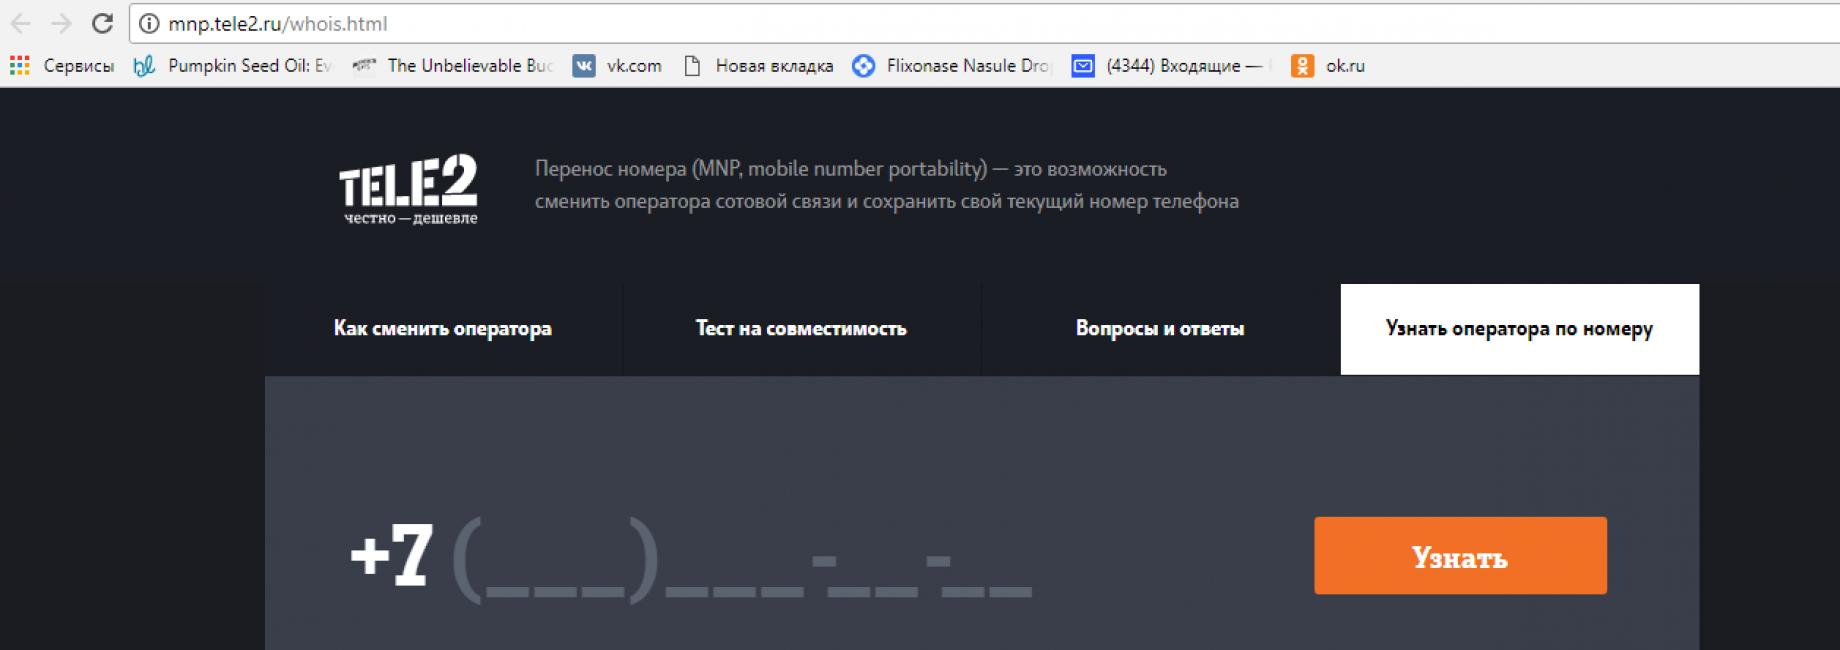 mnp.tele2.ru